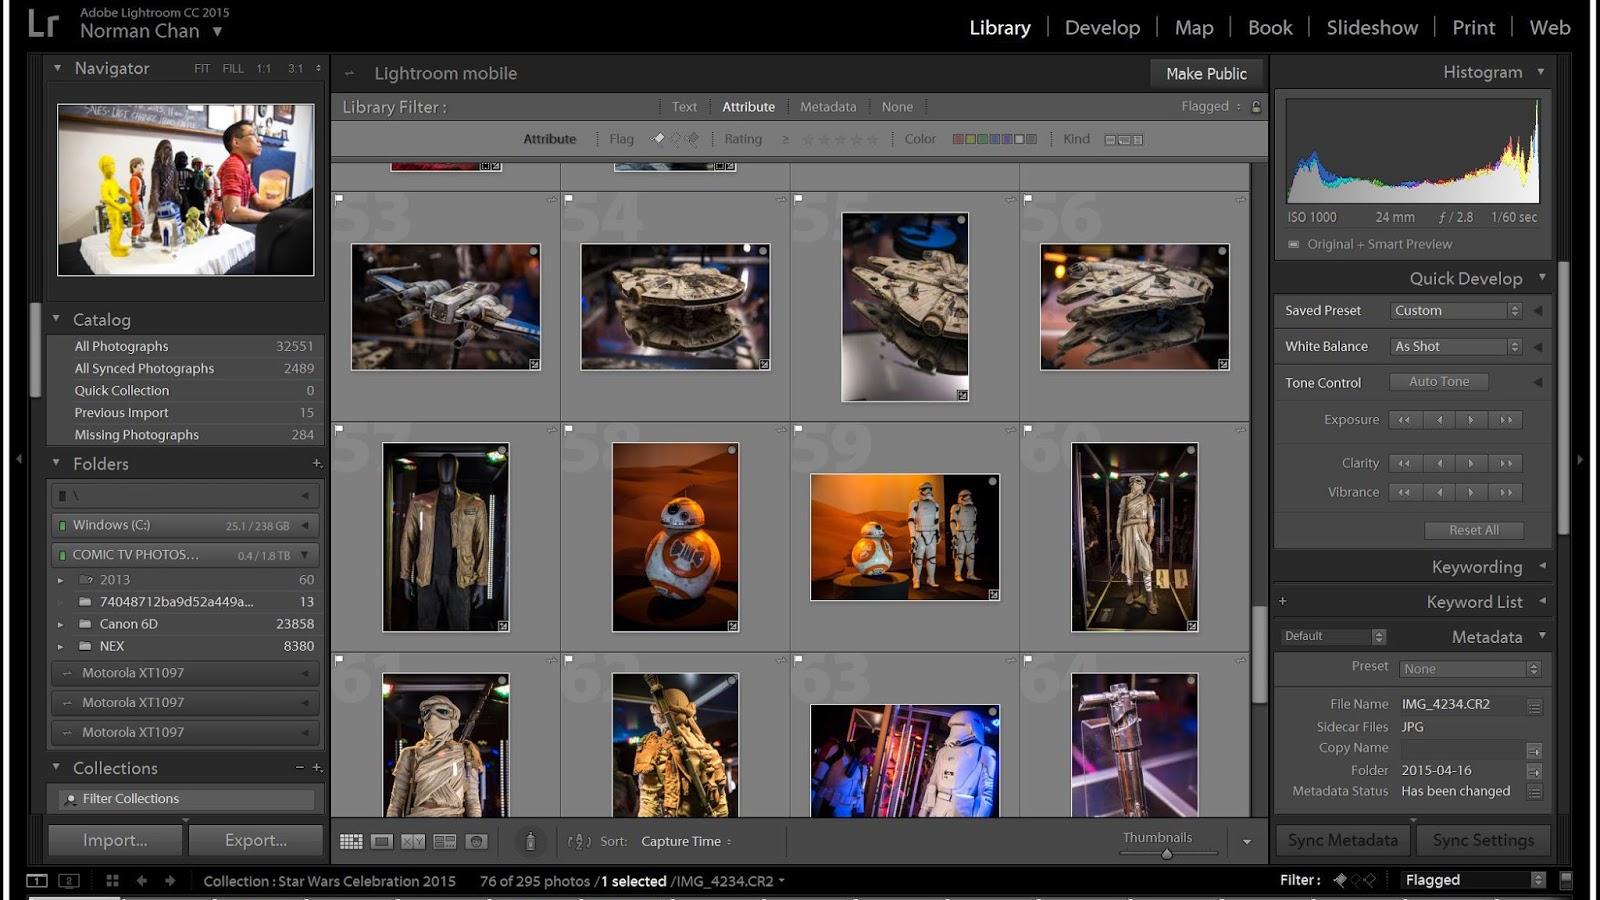 Download Adobe Lightroom 6 Full Version For Free